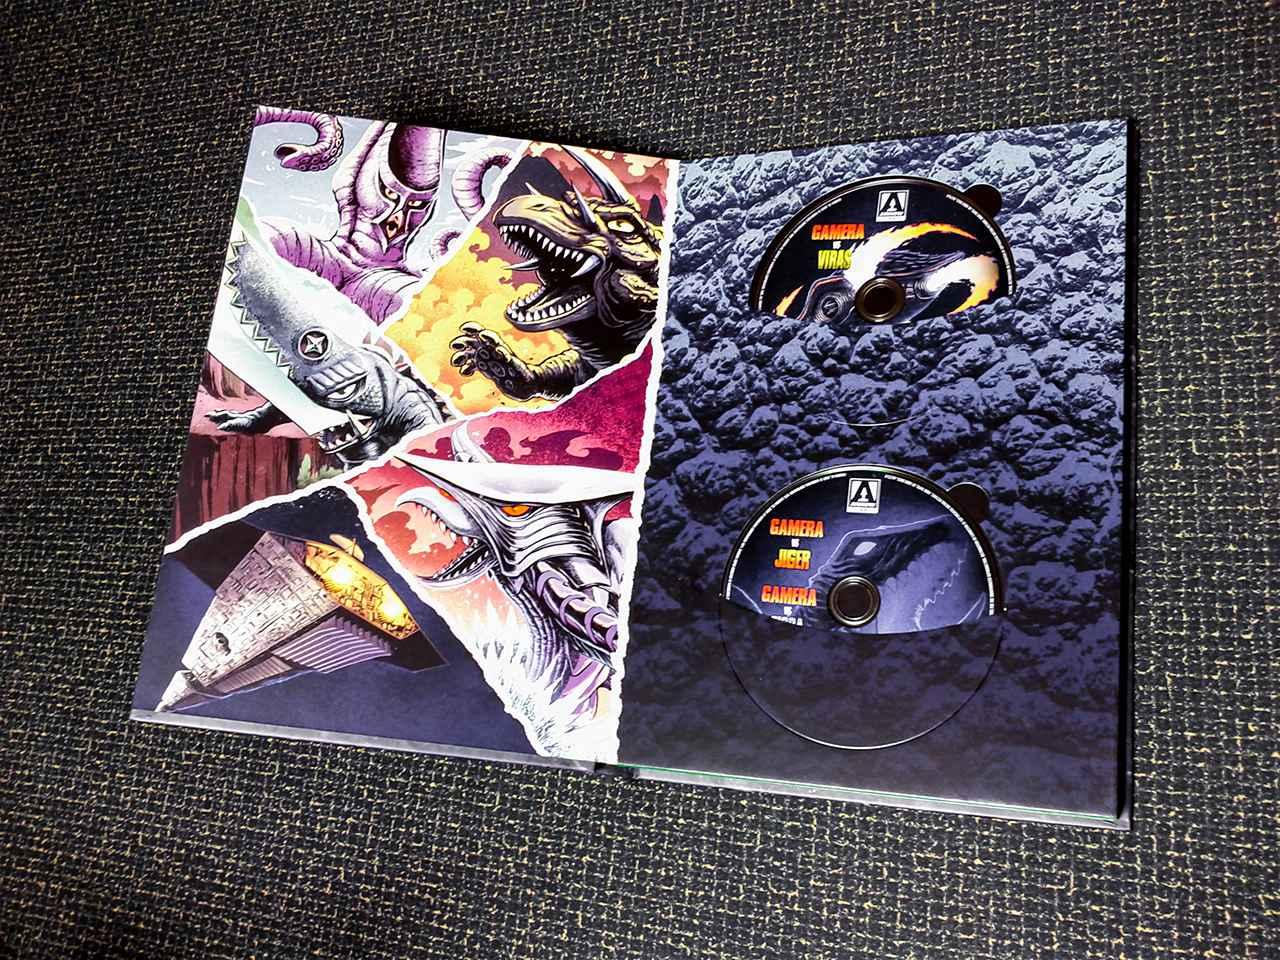 画像4: 超弩級『ガメラ:ザ・コンプリート・コレクション』【海外盤Blu-ray発売情報 - 特別編】